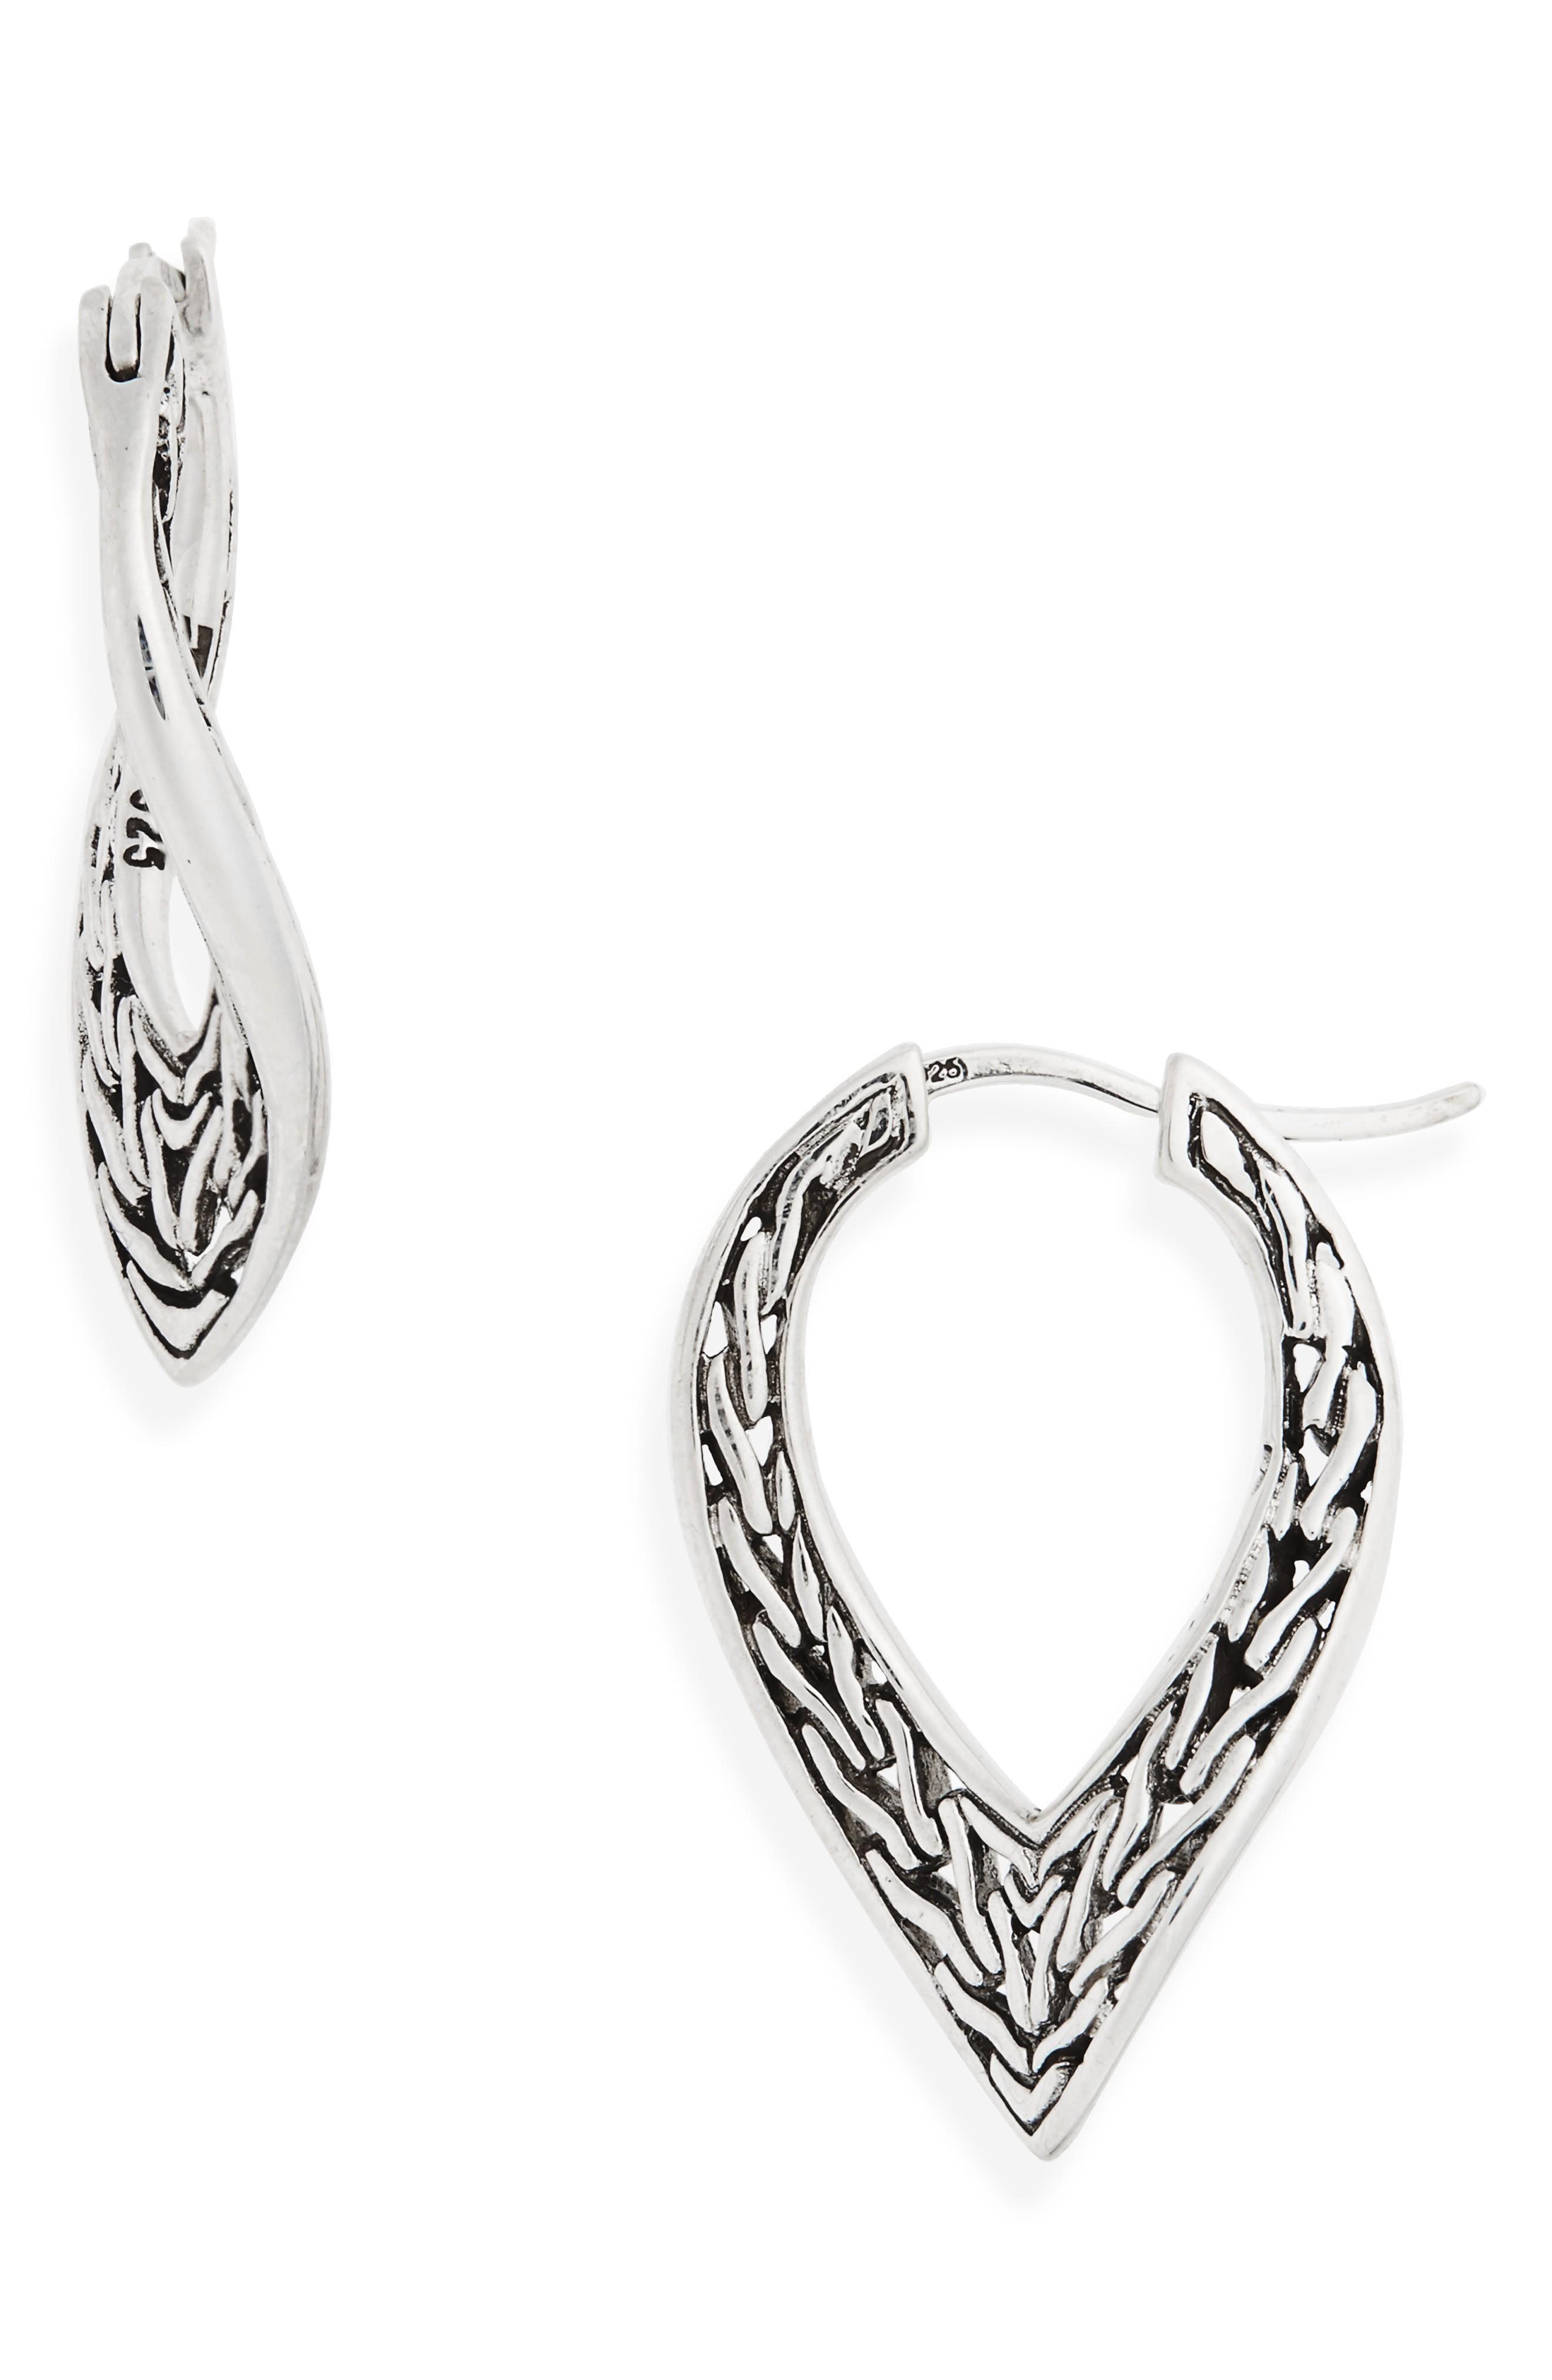 John Hardy Classic Chain Small Hoop Earrings In Silver